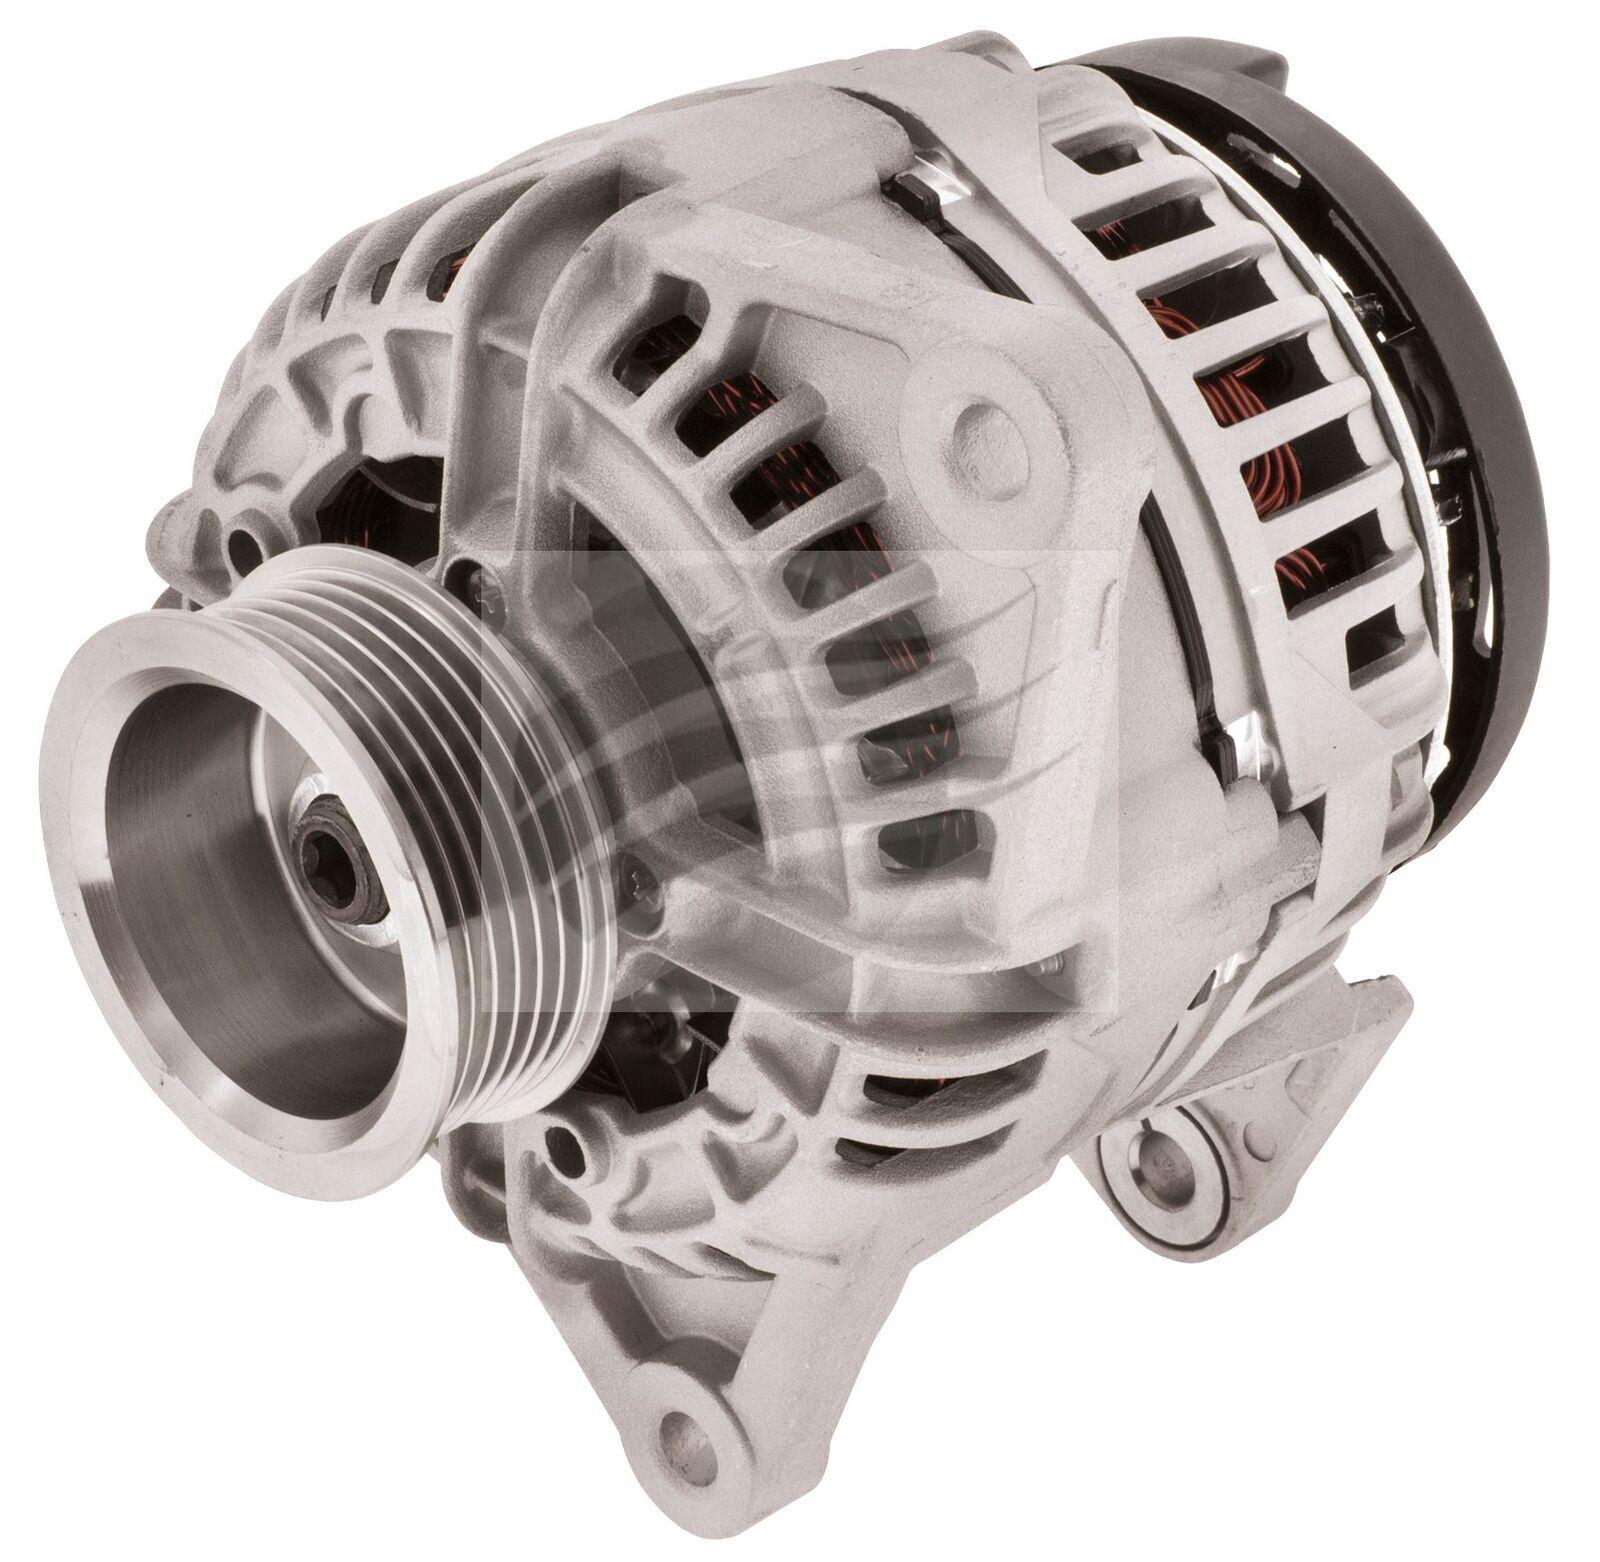 Jaylec alternator for Fiat Ducato 180 Multijet 250_ 290_ 3.0 D 11> F1CE3481E Diesel